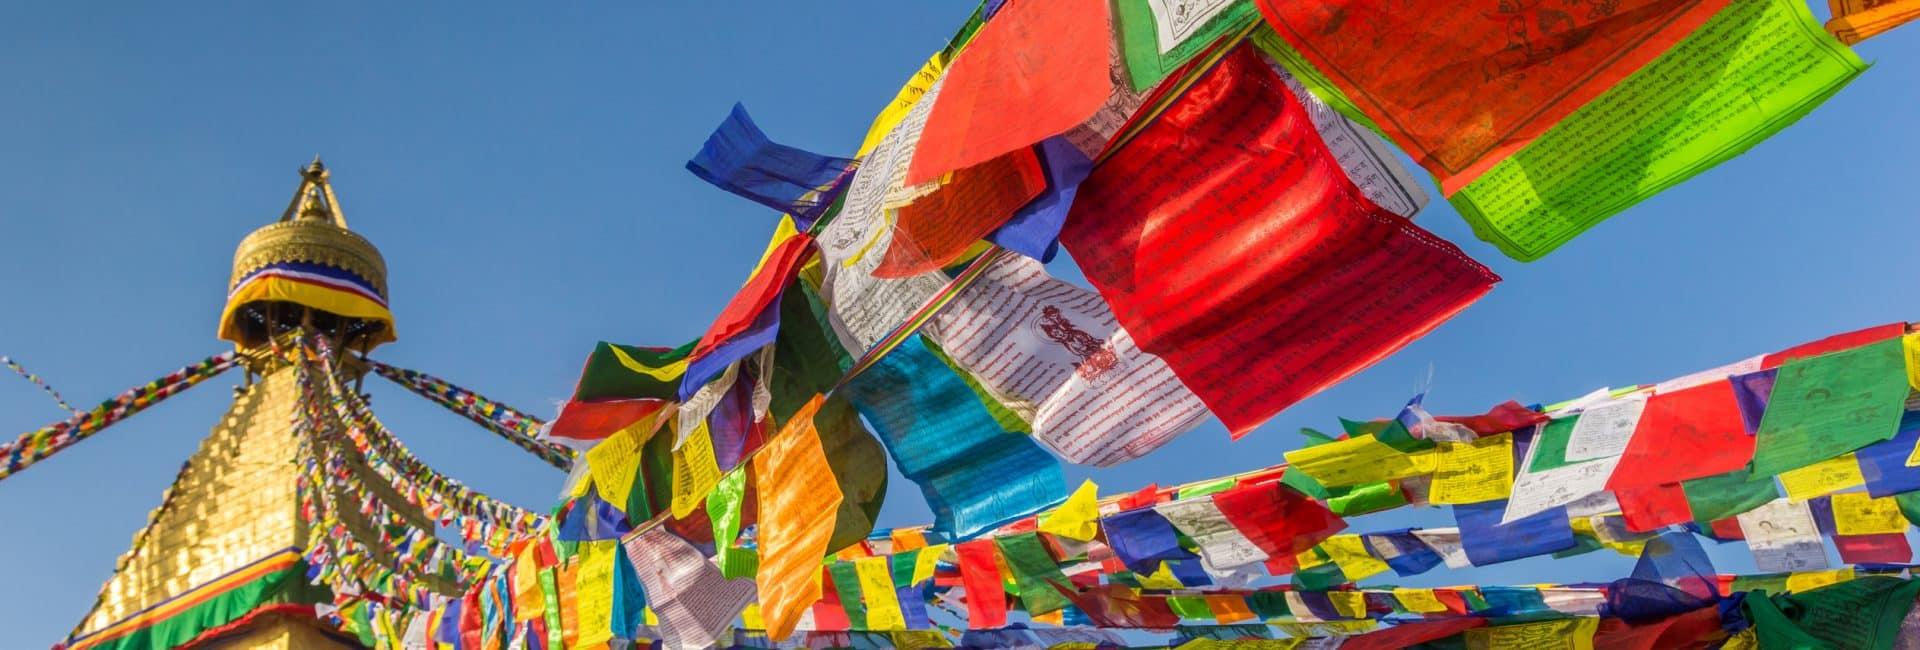 Bedeflag i Kathmandu i Nepal